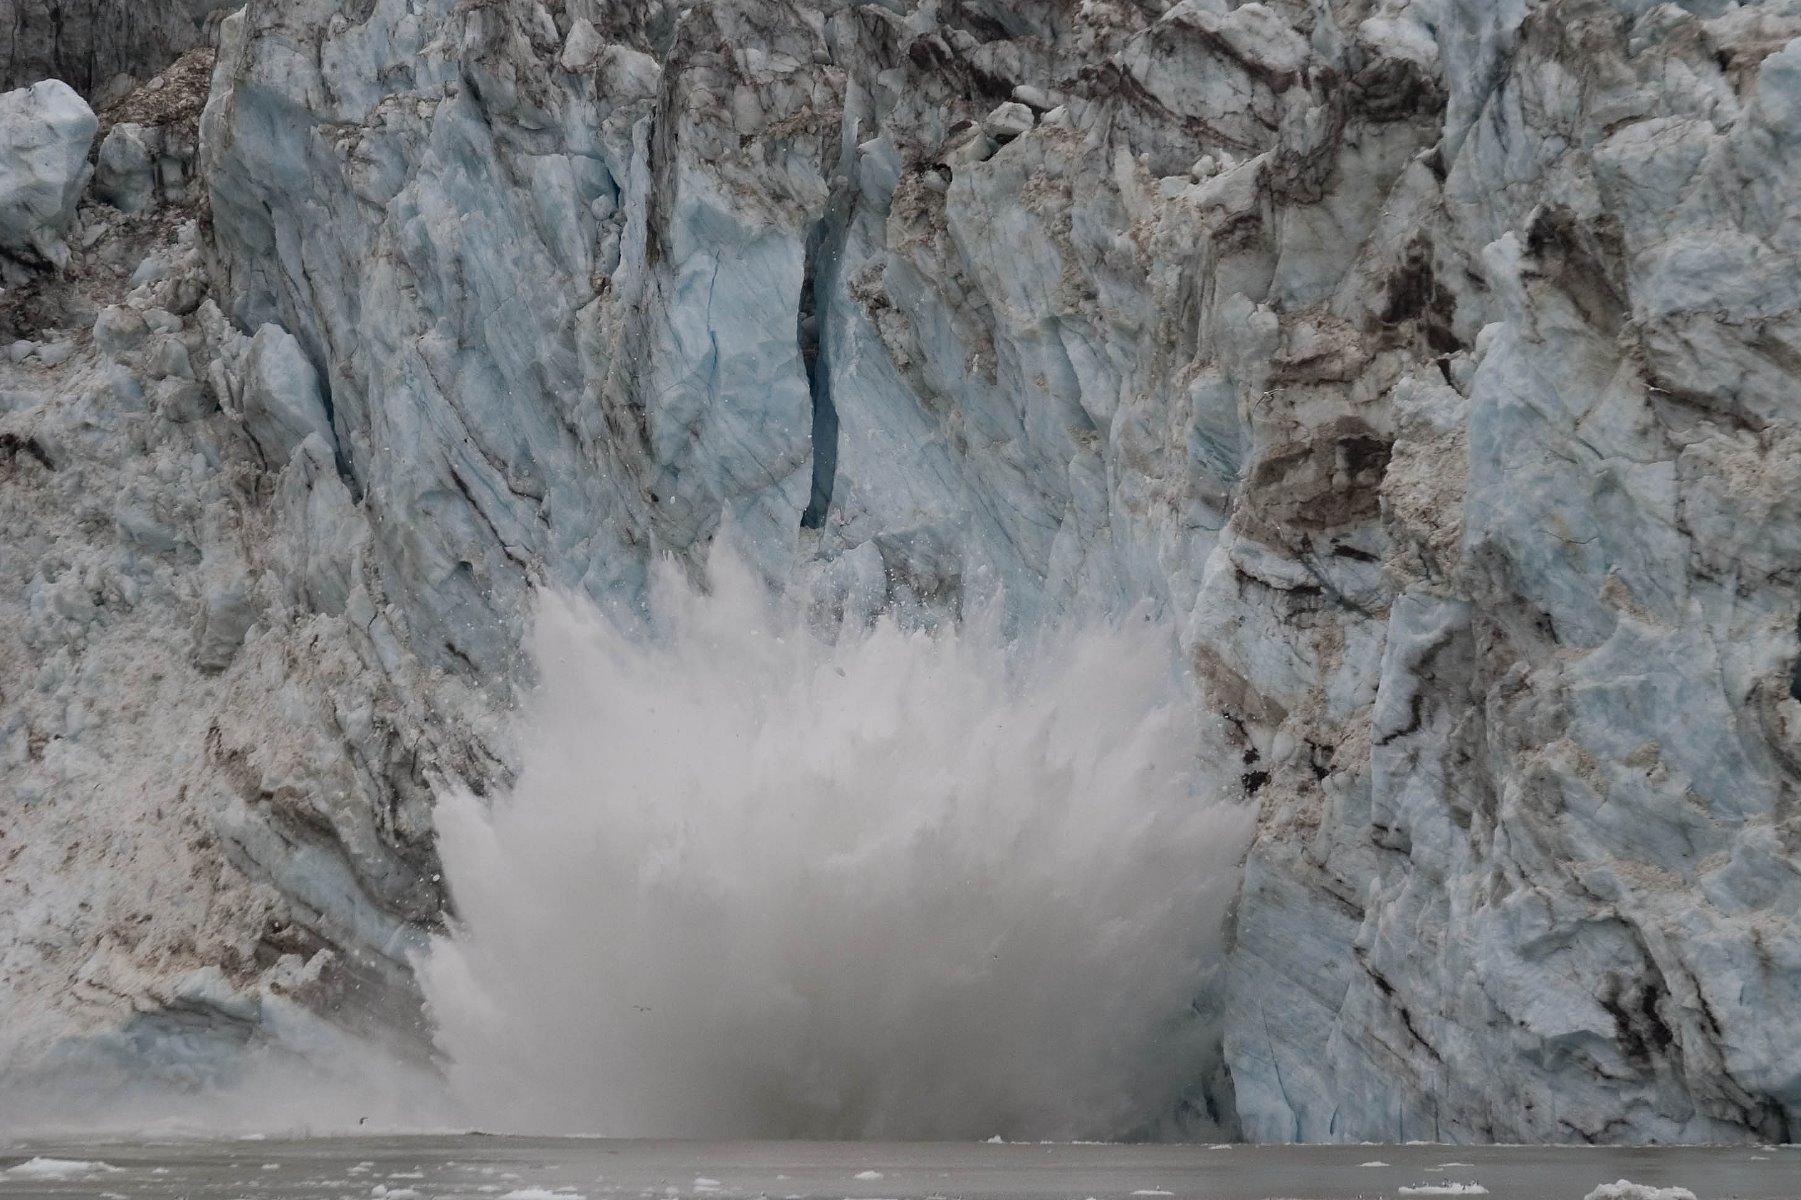 Calving glaciers!